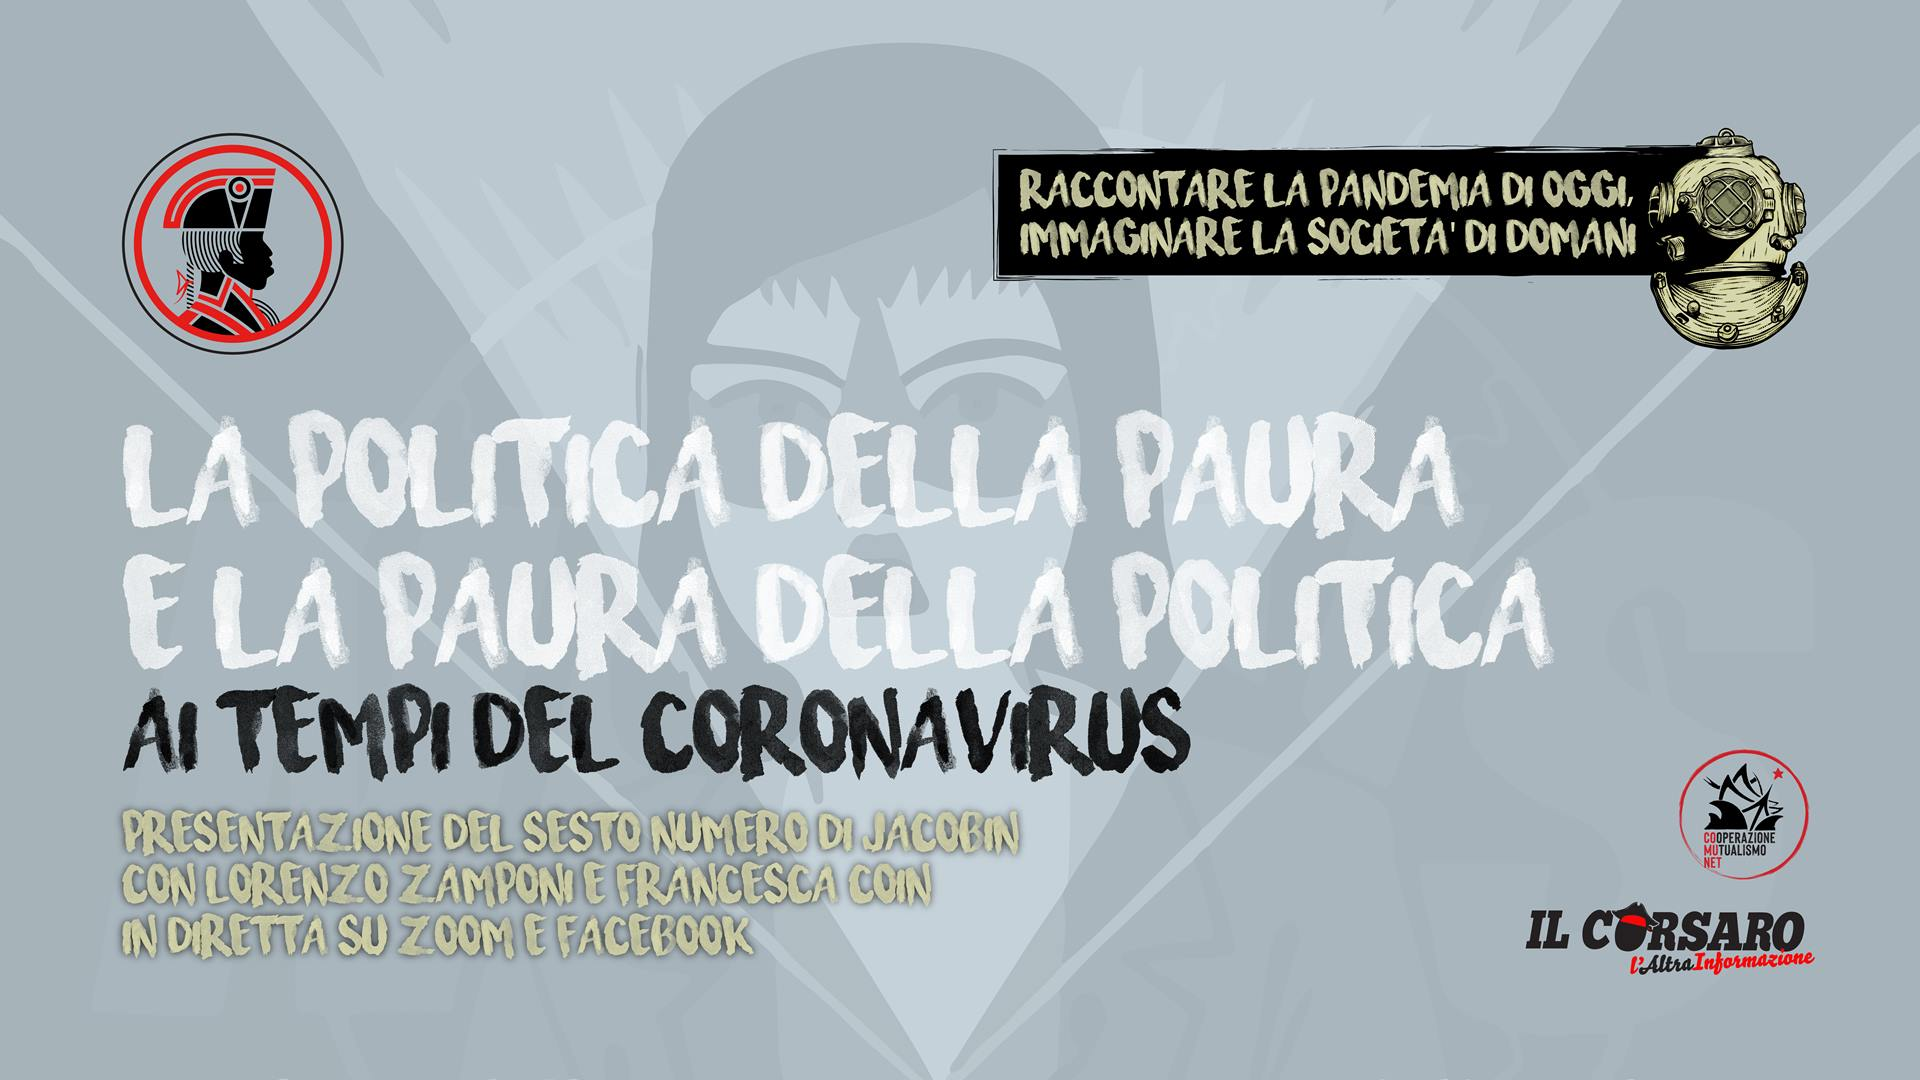 Jacobin #6: la politica della paura e la paura della politica ai tempi del Coronavirus